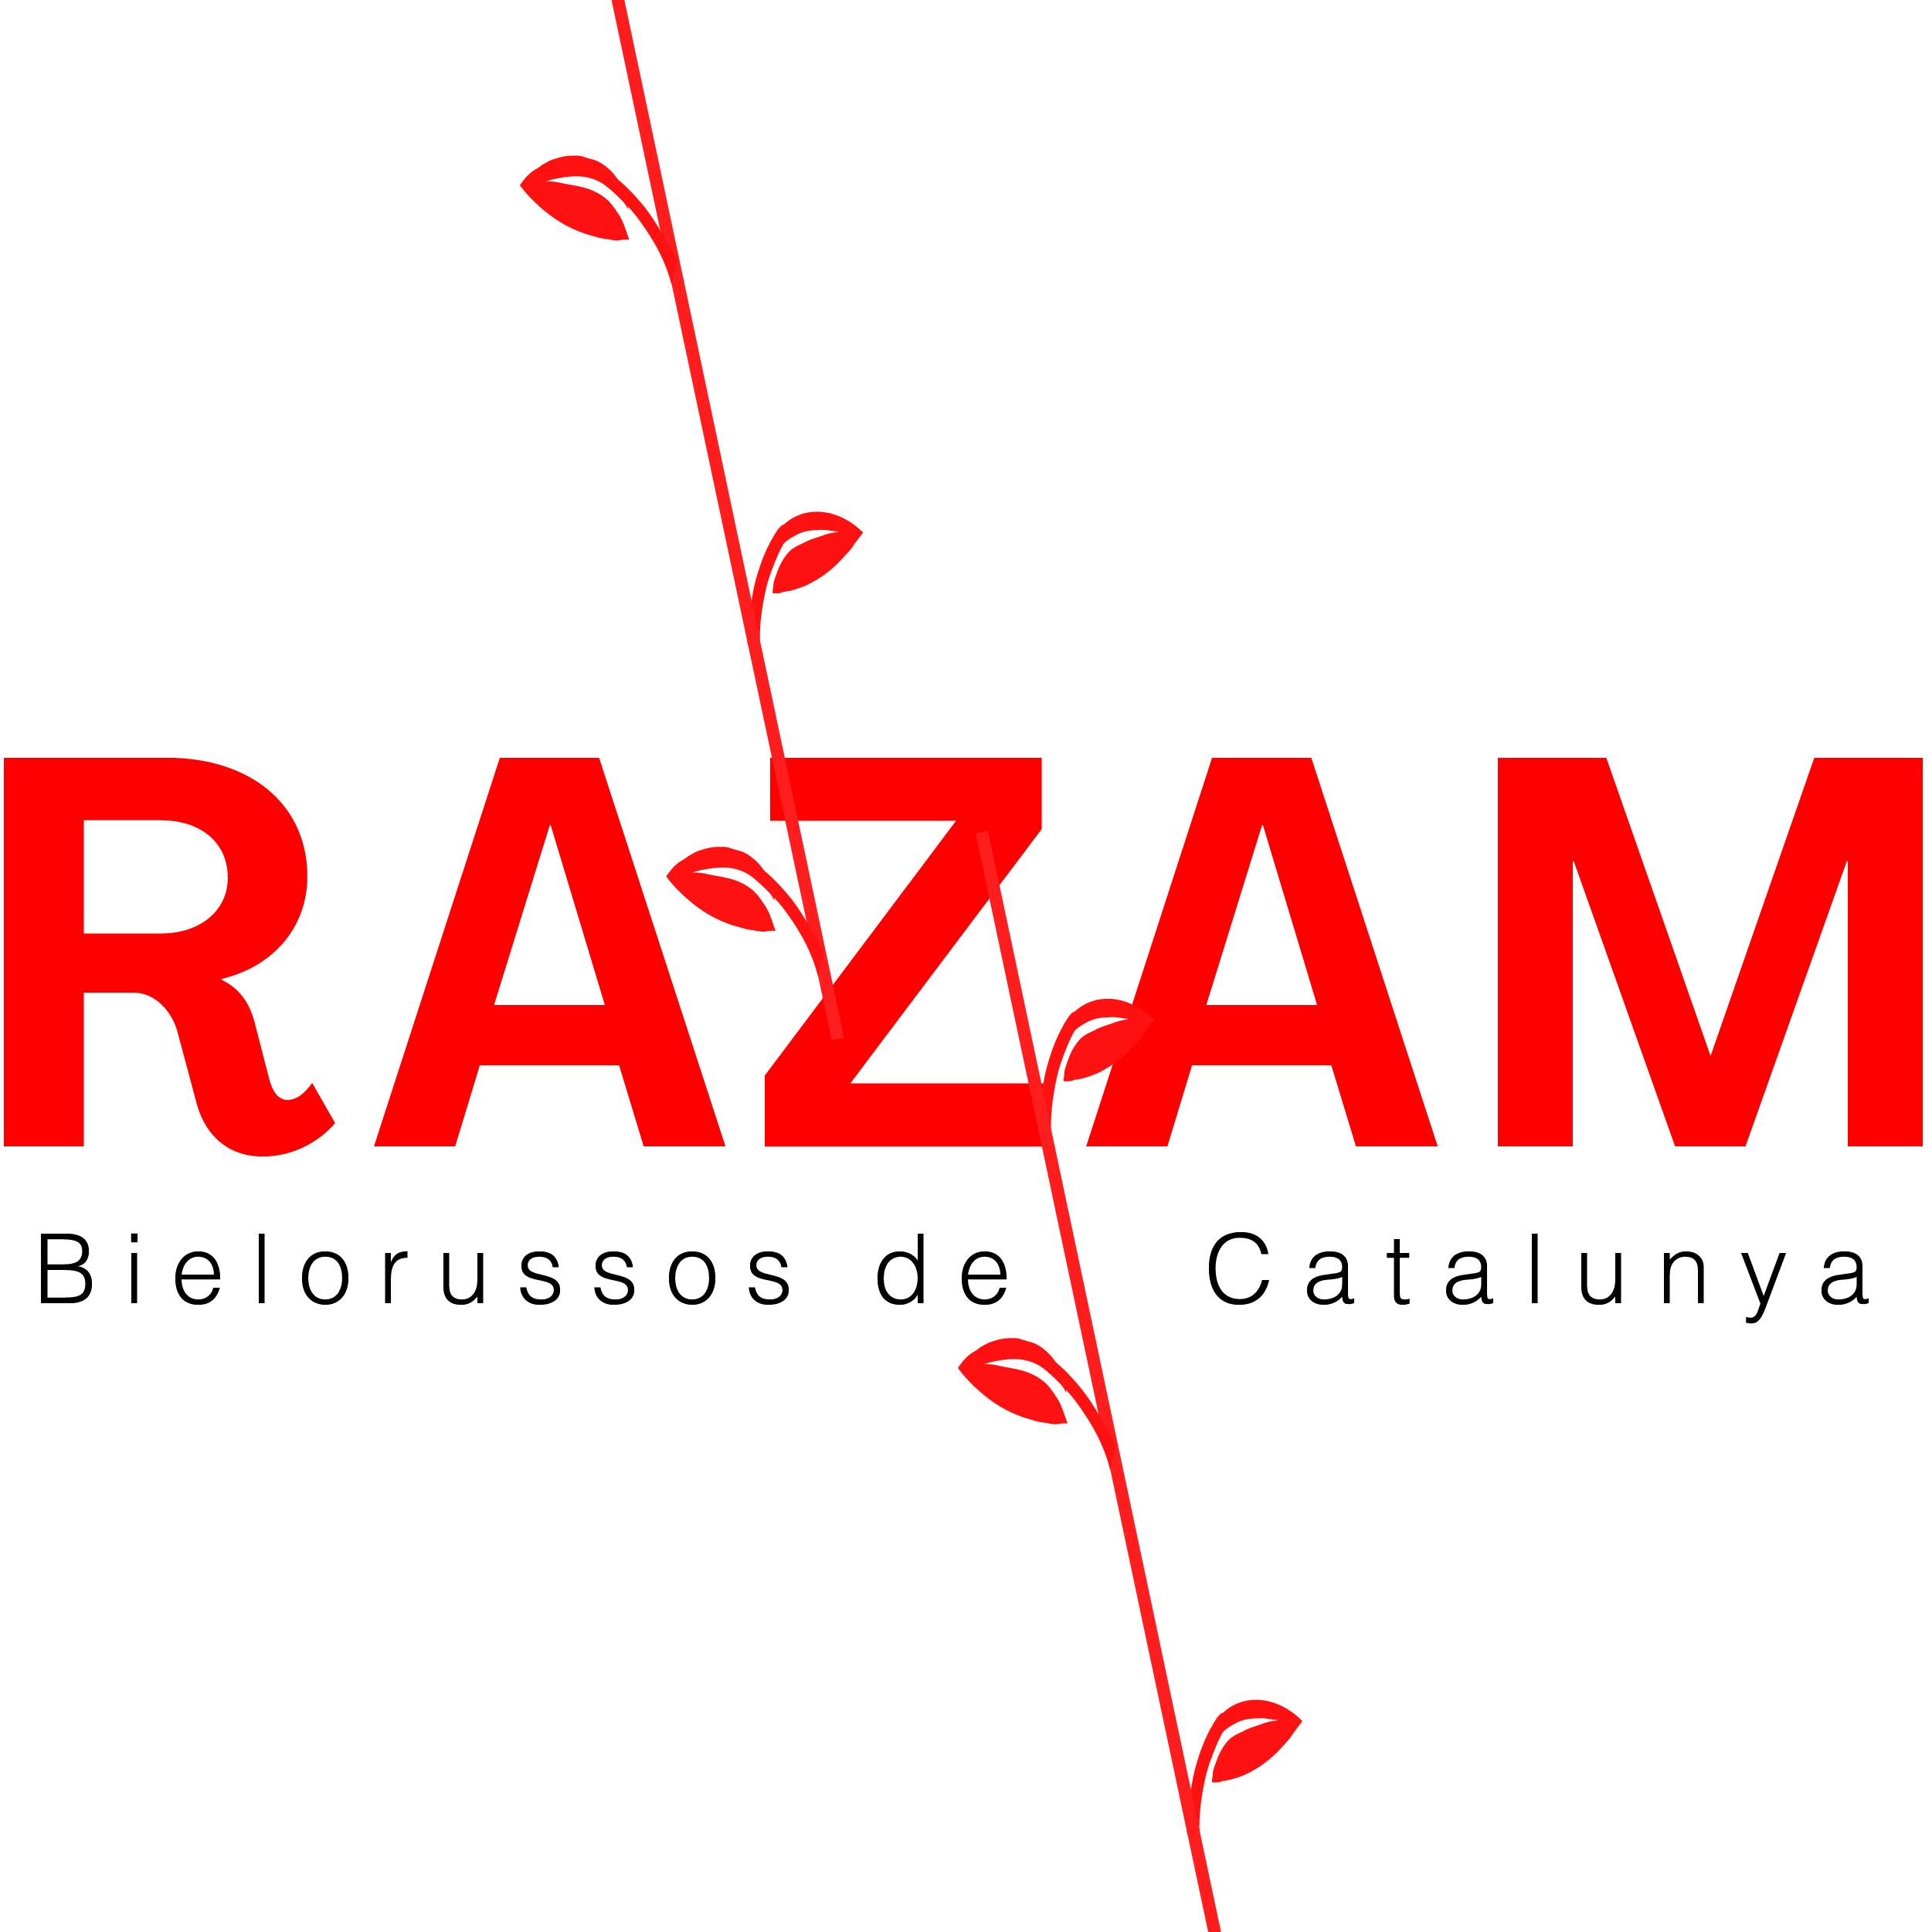 Associació RAZAM Bielorussos Catalunya